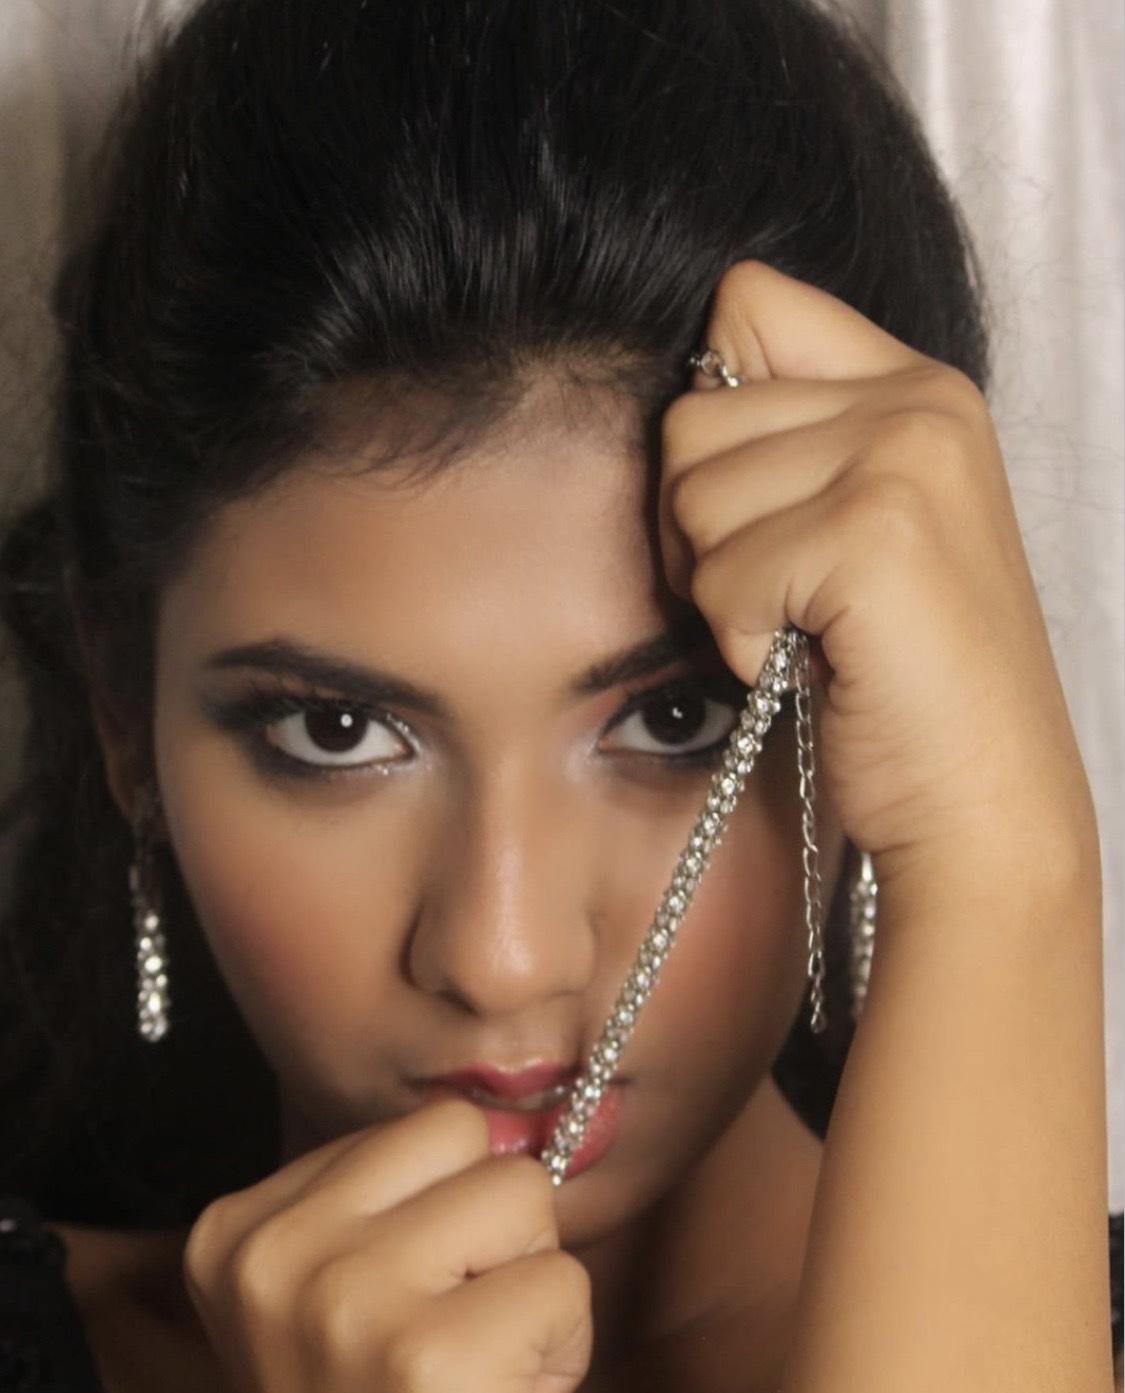 gahna_wadhwa_only_interviews